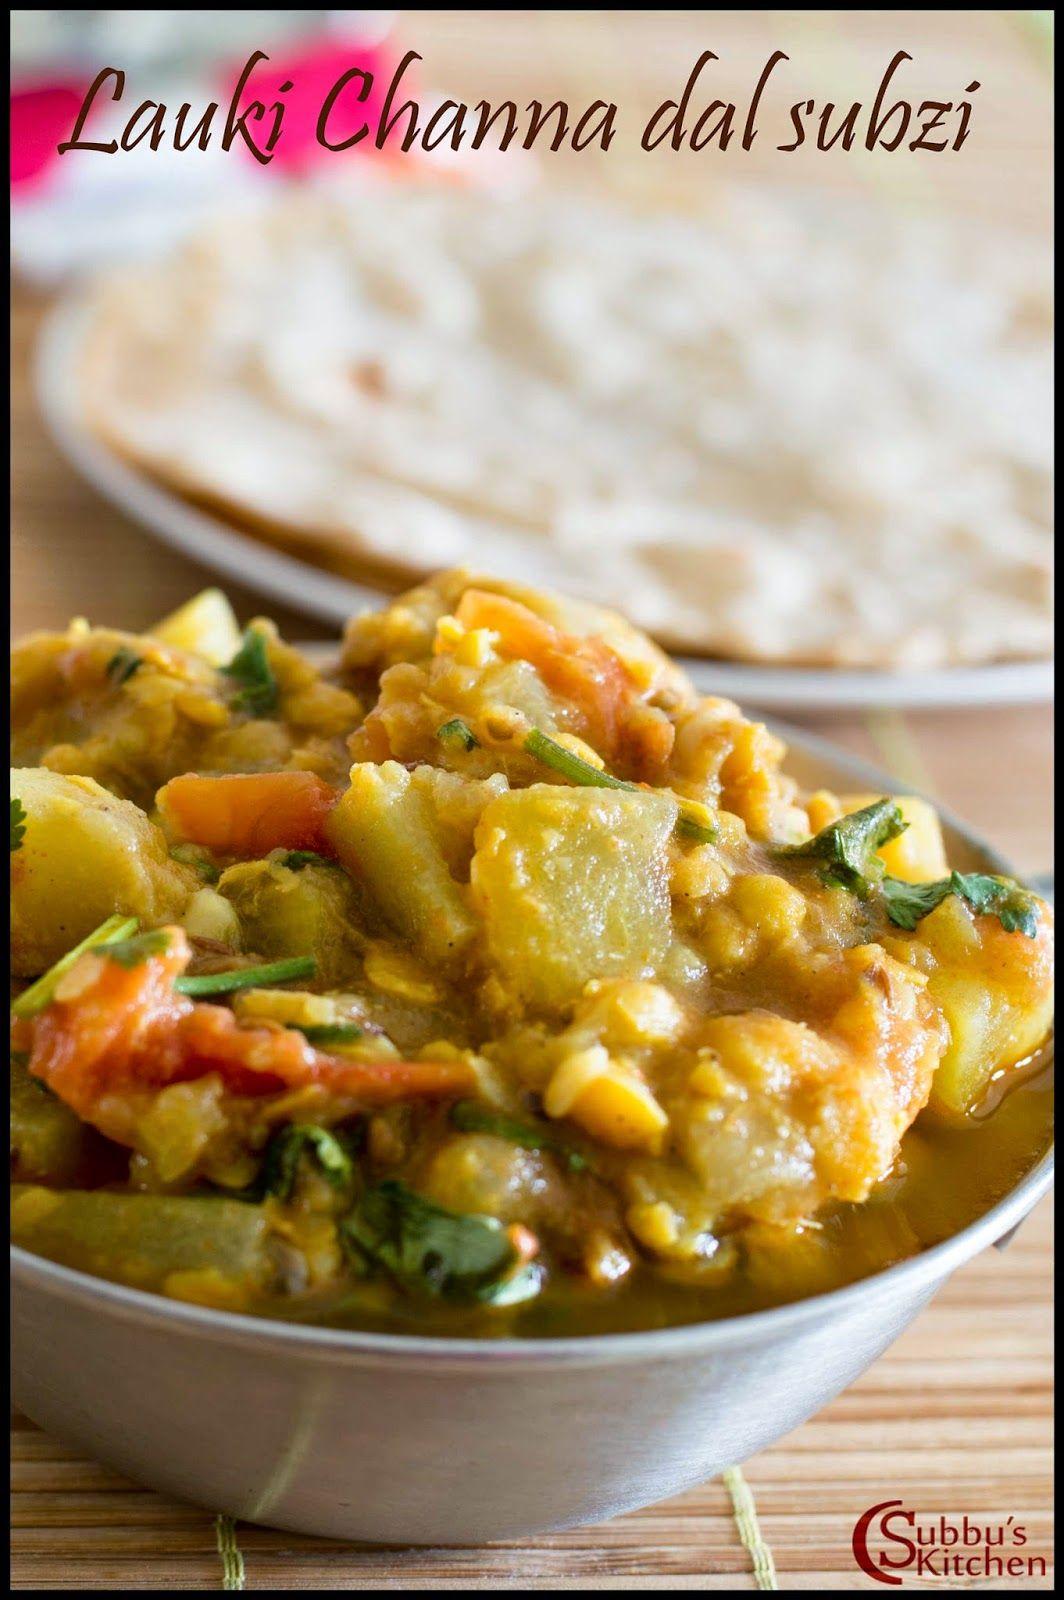 Subbus Kitchen Lauki Doodhi Chana Dal Subzi Recipe Bottlegourd Gram Dal Curry Recipe Surakkai Ka Veg Recipes Of India Doodhi Recipe Curry Recipes Indian